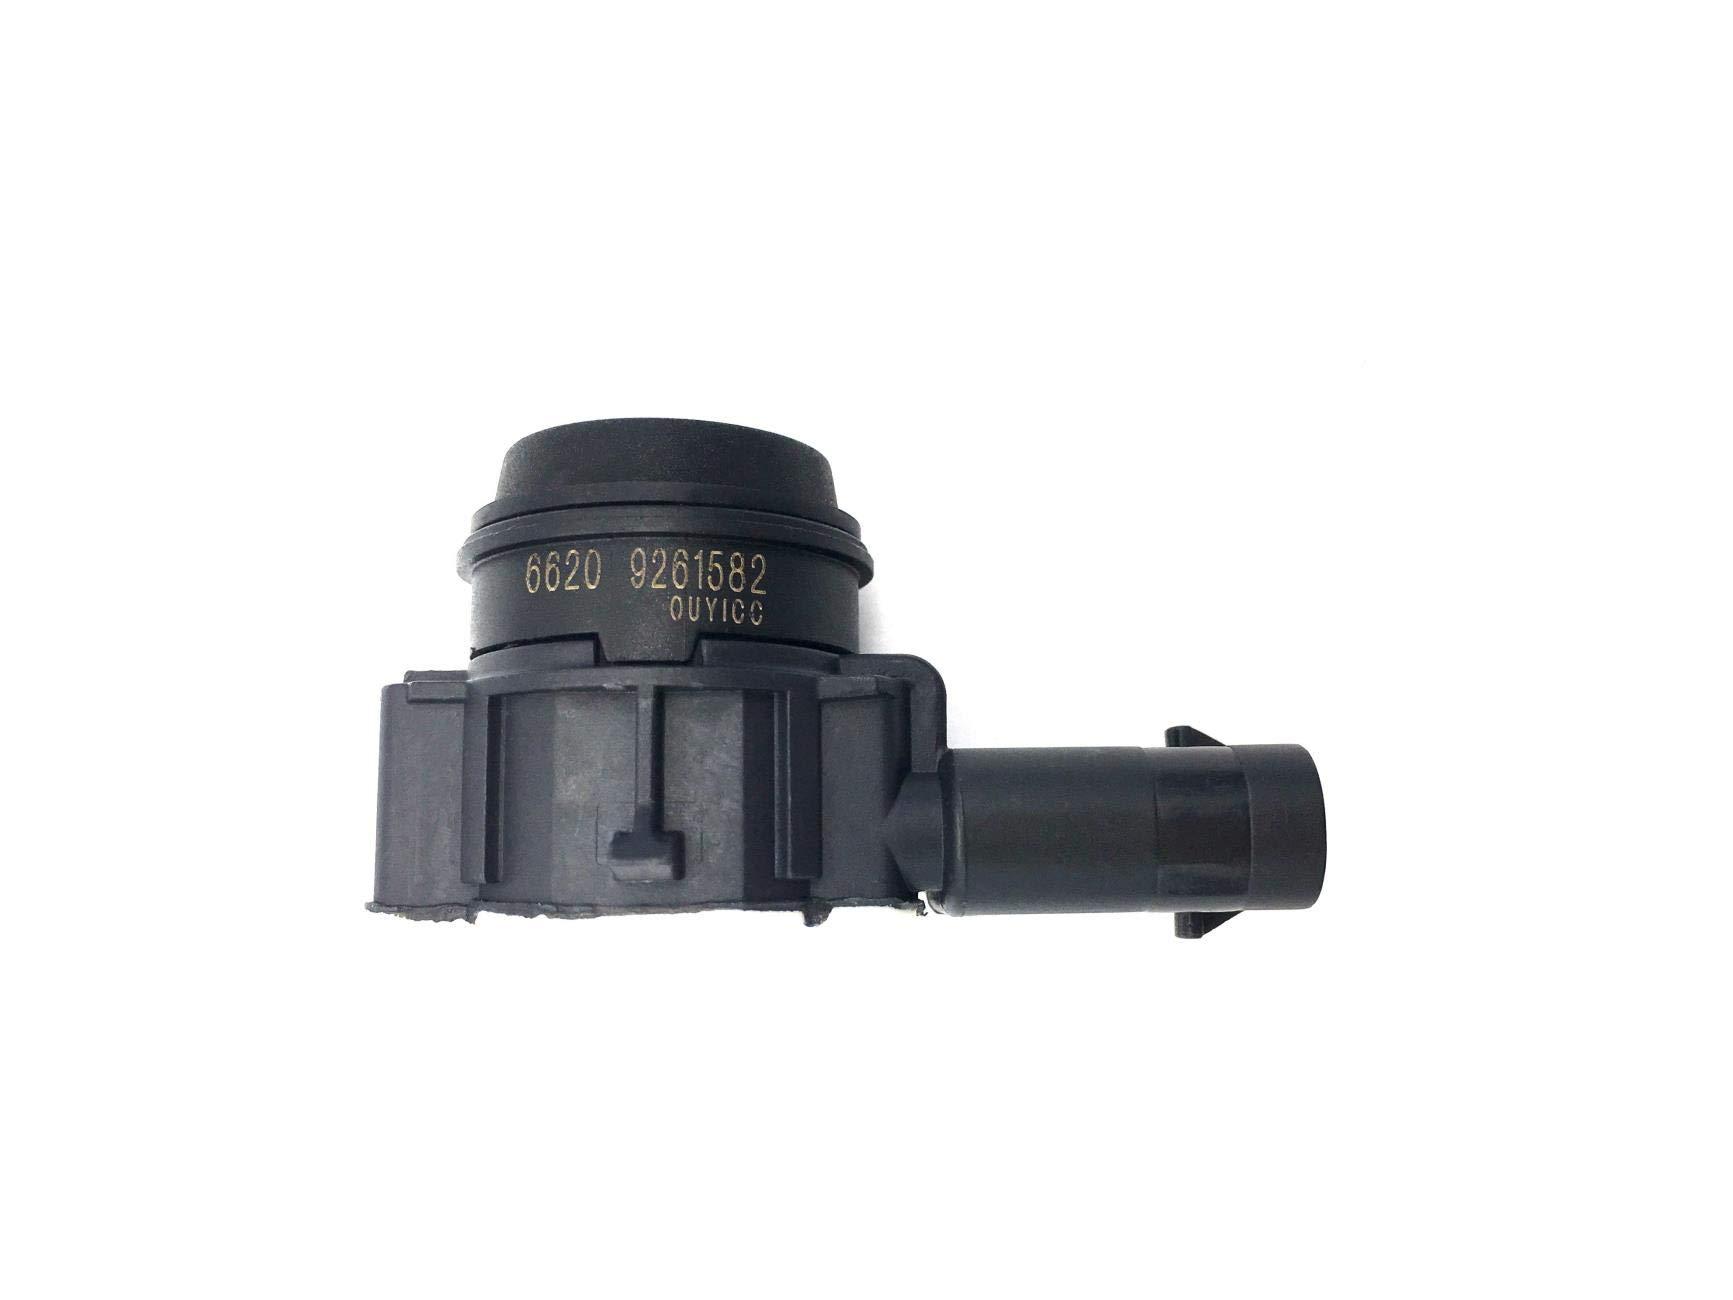 OUYICC BMW Parking Sensor 9261582 Fit for BMW 1 3 4 F20 F21 F30 F31 F32 F34 F35 F80 F82